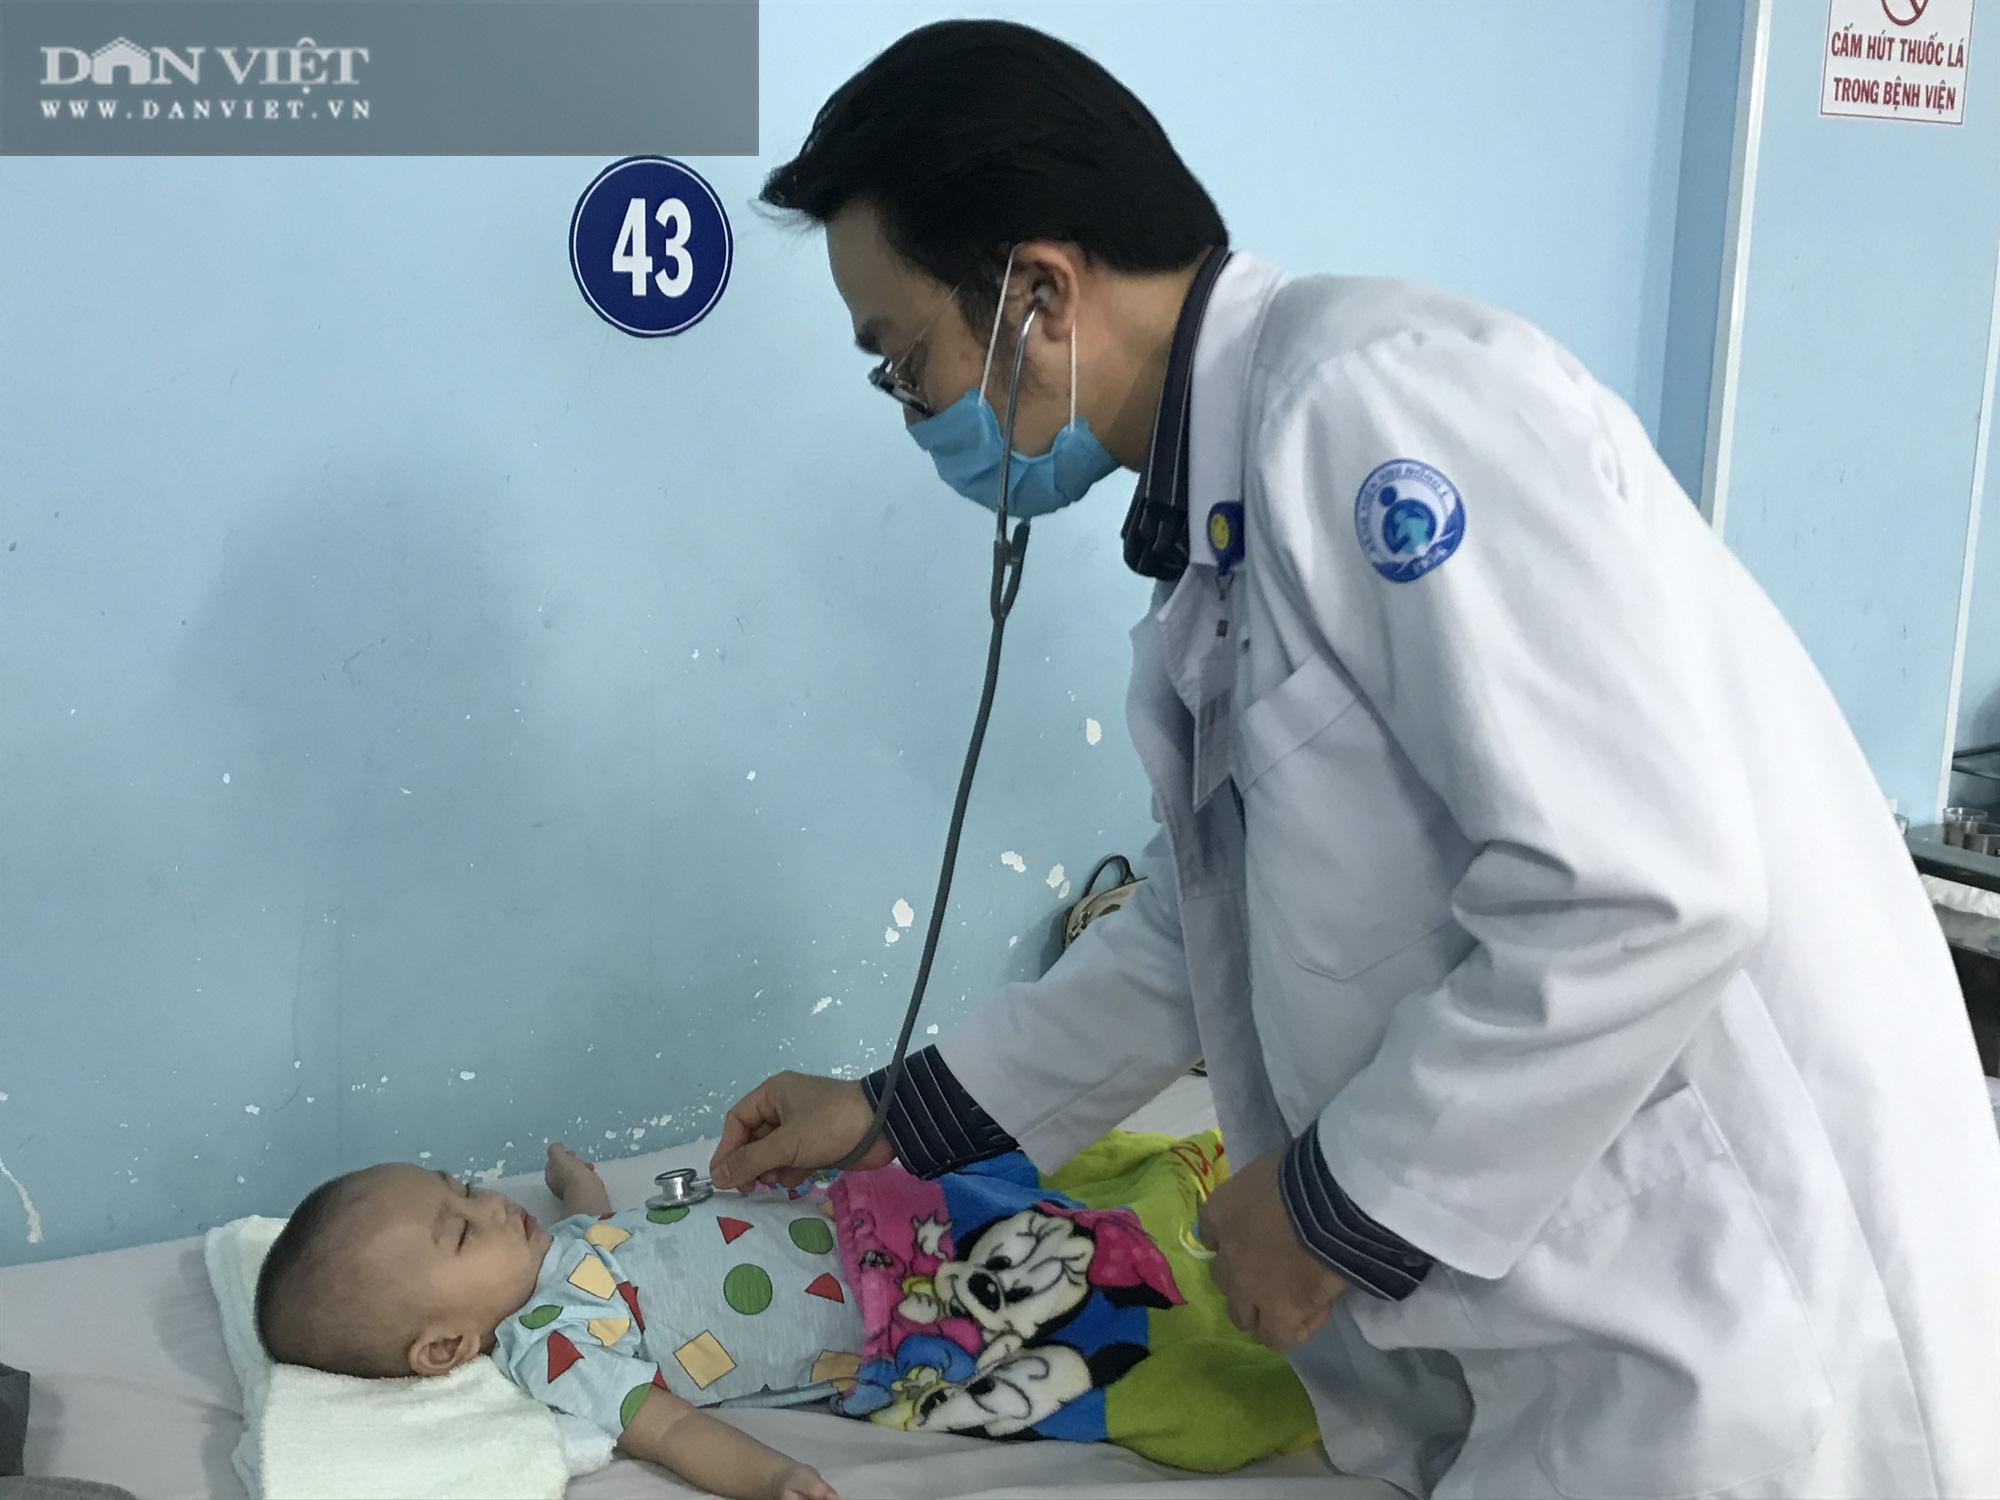 Cảnh báo: Nhiều bệnh nhân biến chứng, có ca tử vong vì sốt xuất huyết - Ảnh 1.